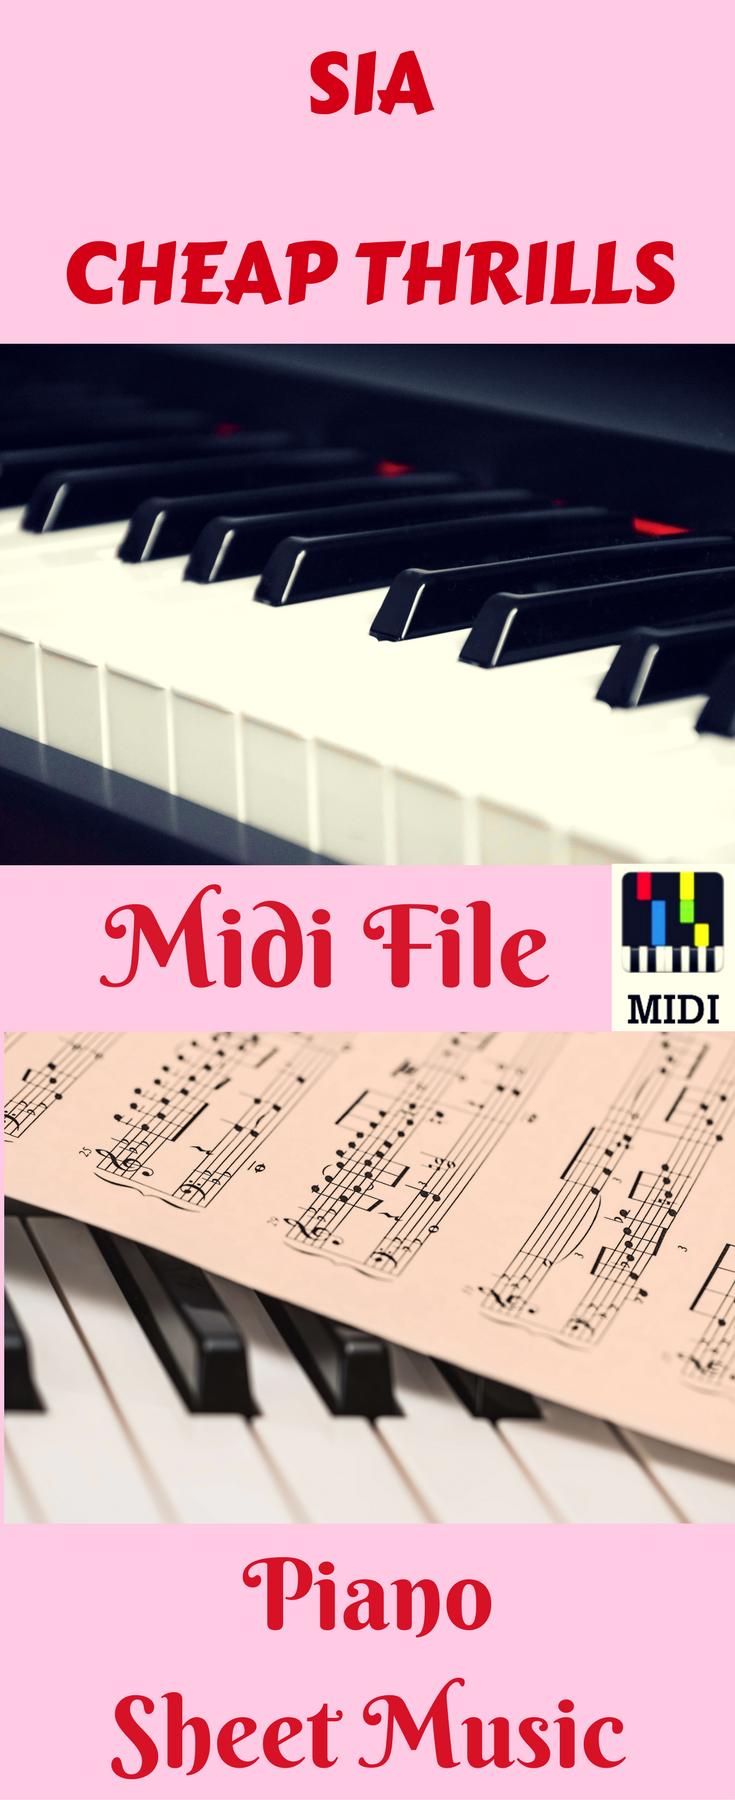 sia cheap thrills midi in 2019 piano midi files sheet music piano music piano sheet music. Black Bedroom Furniture Sets. Home Design Ideas